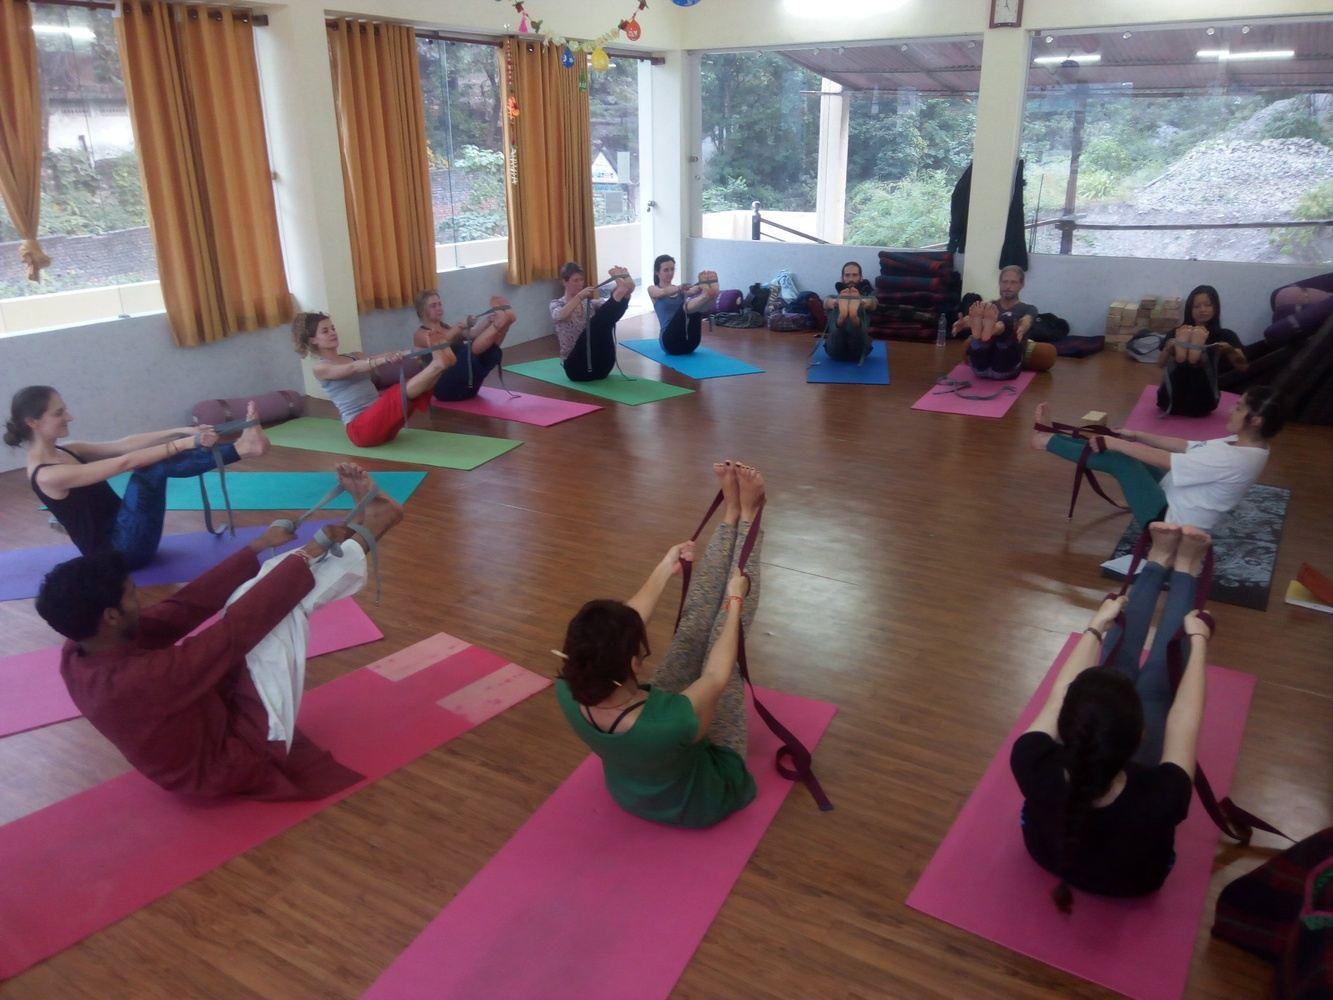 Yoga Teacher Training in Rishikesh | Sri Yoga Peeth-Yoga School India